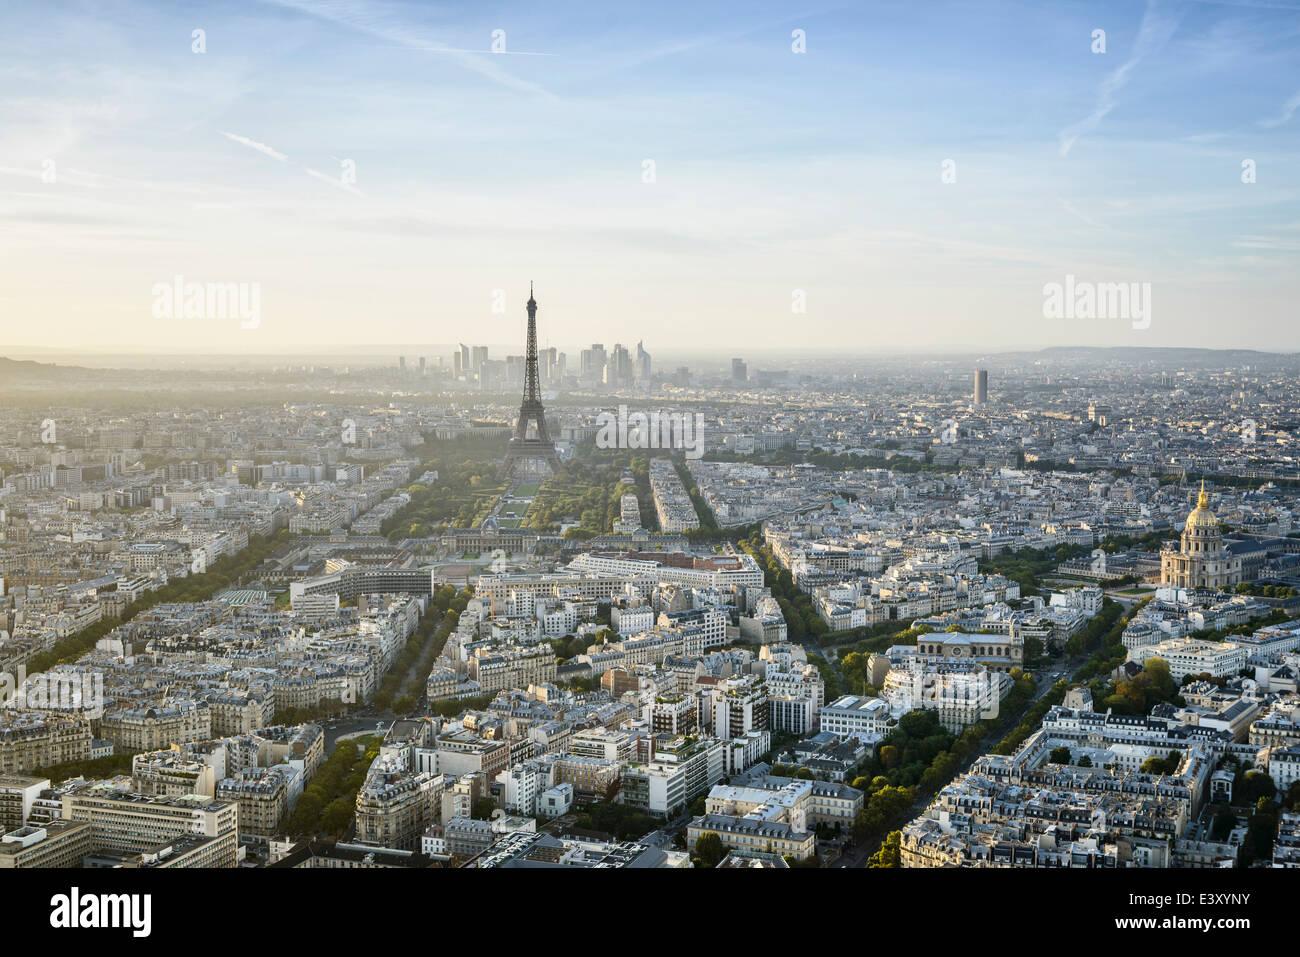 Luftaufnahme der Stadt Paris, Paris, Île-de-France, Frankreich Stockbild